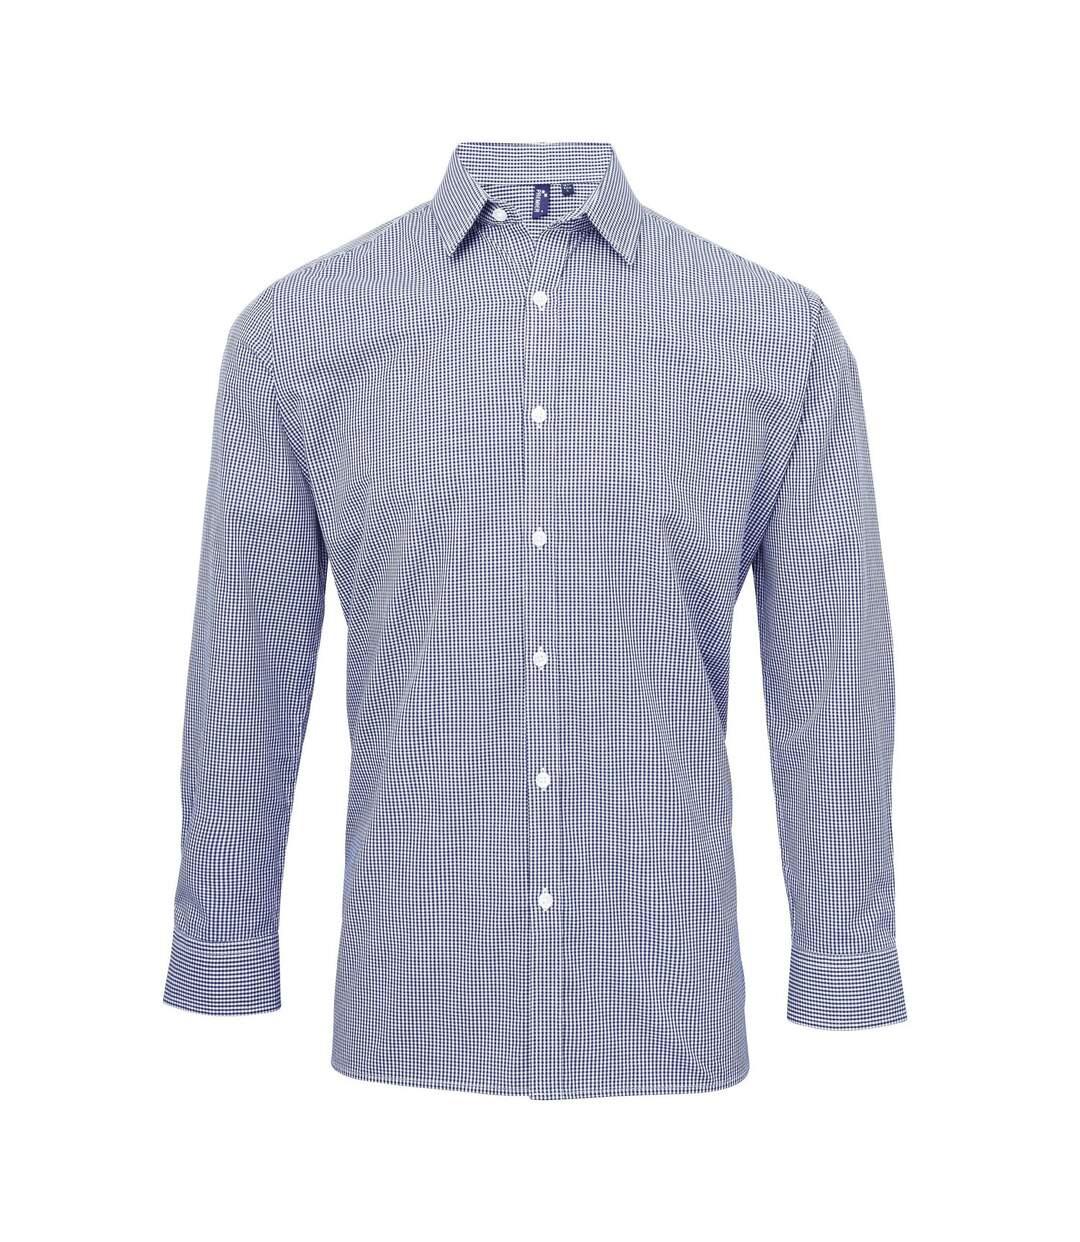 Chemise à carreaux manches longues - Homme - PR220 - bleu marine